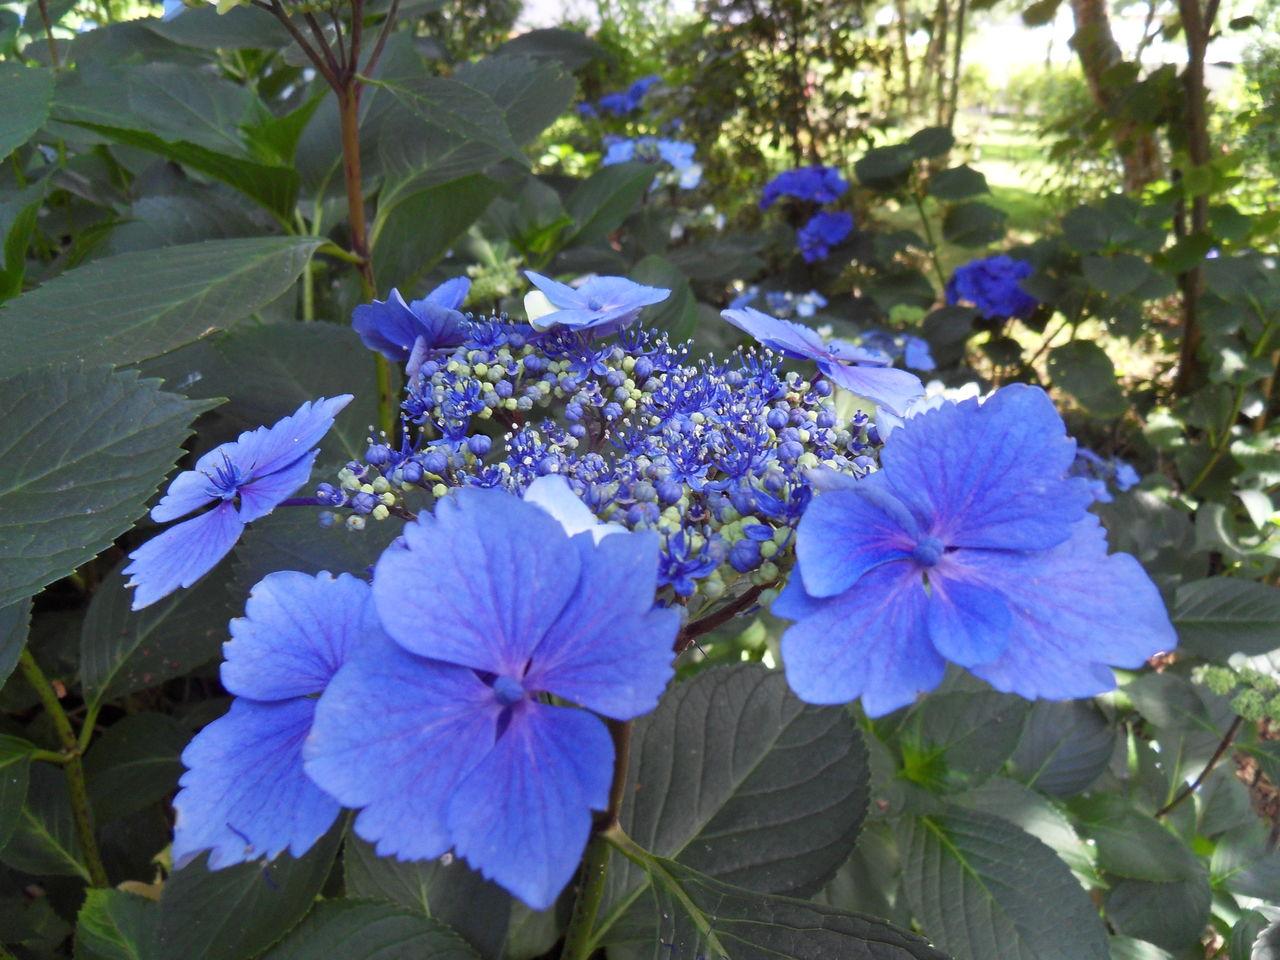 des hortensias bien bleus SDC13524